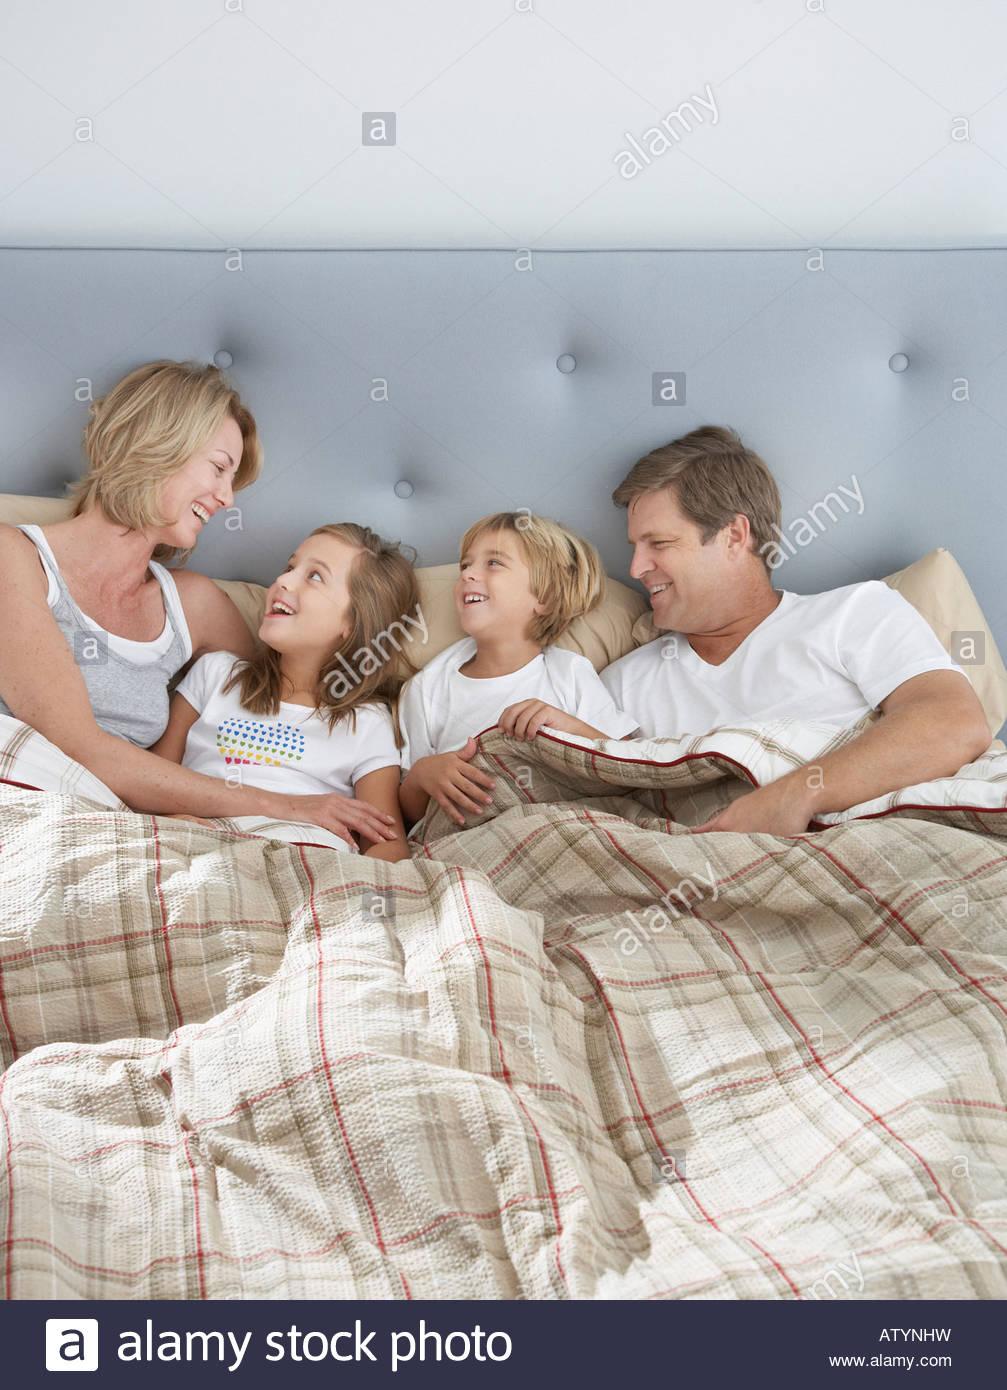 Familie im Bett zusammen kleben Stockfoto, Bild: 16417956 - Alamy